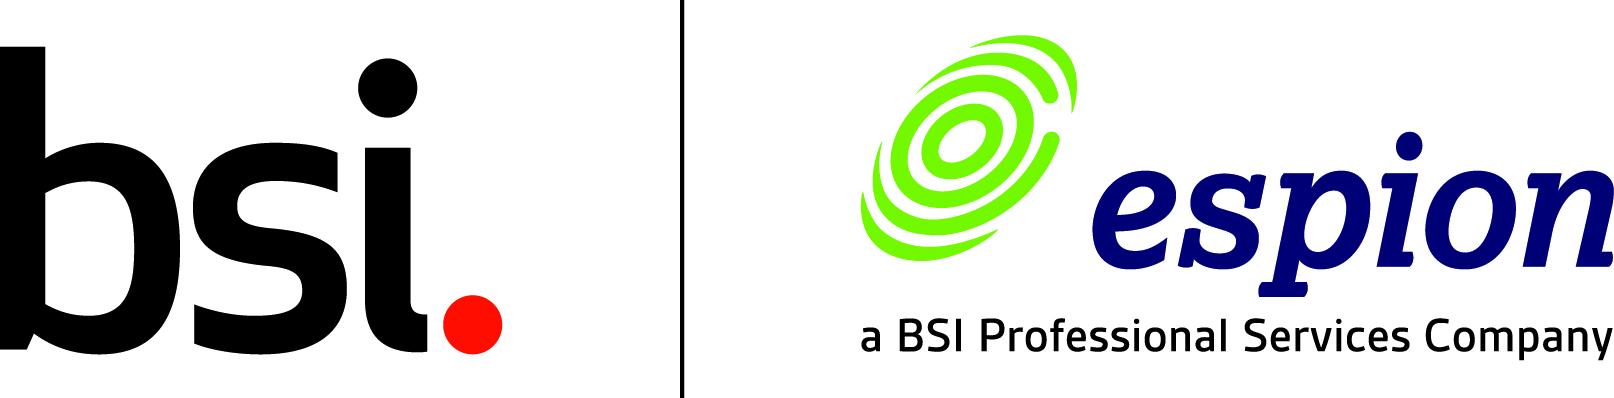 BSI et Espion